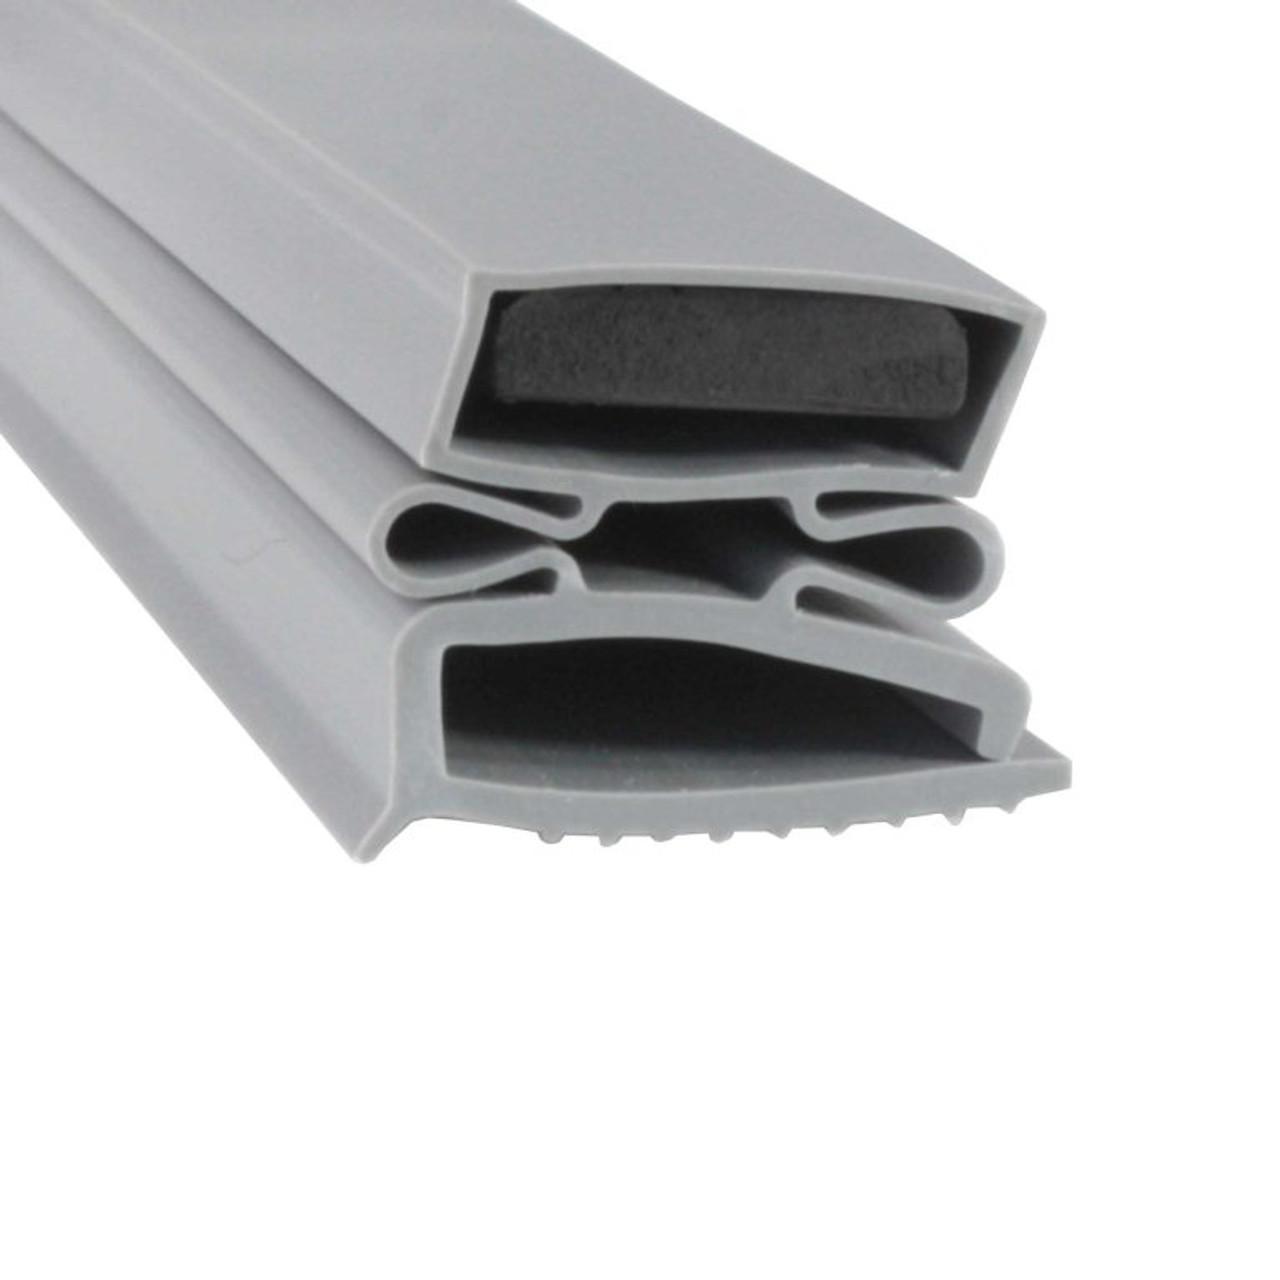 Dunhill Door Gasket Profile 494 19 1/2 x 22 1/8